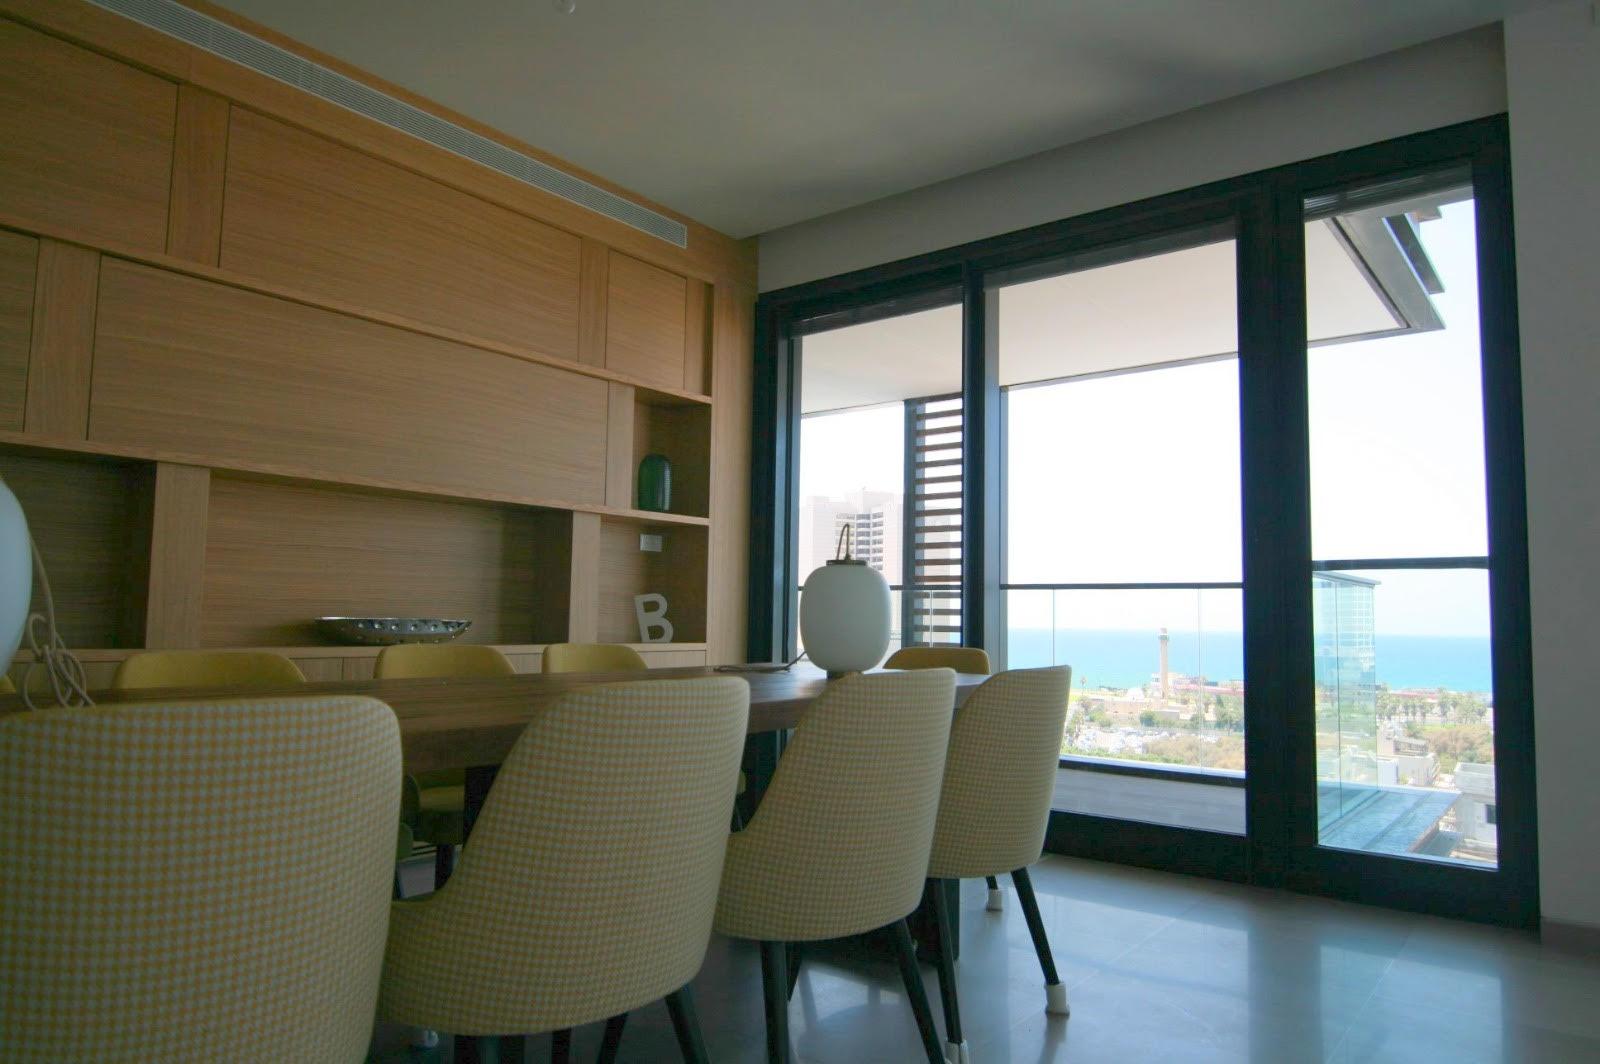 להשכרה דירת יוקרה במגדל White City בקרבת נווה צדק, תל אביב יפו